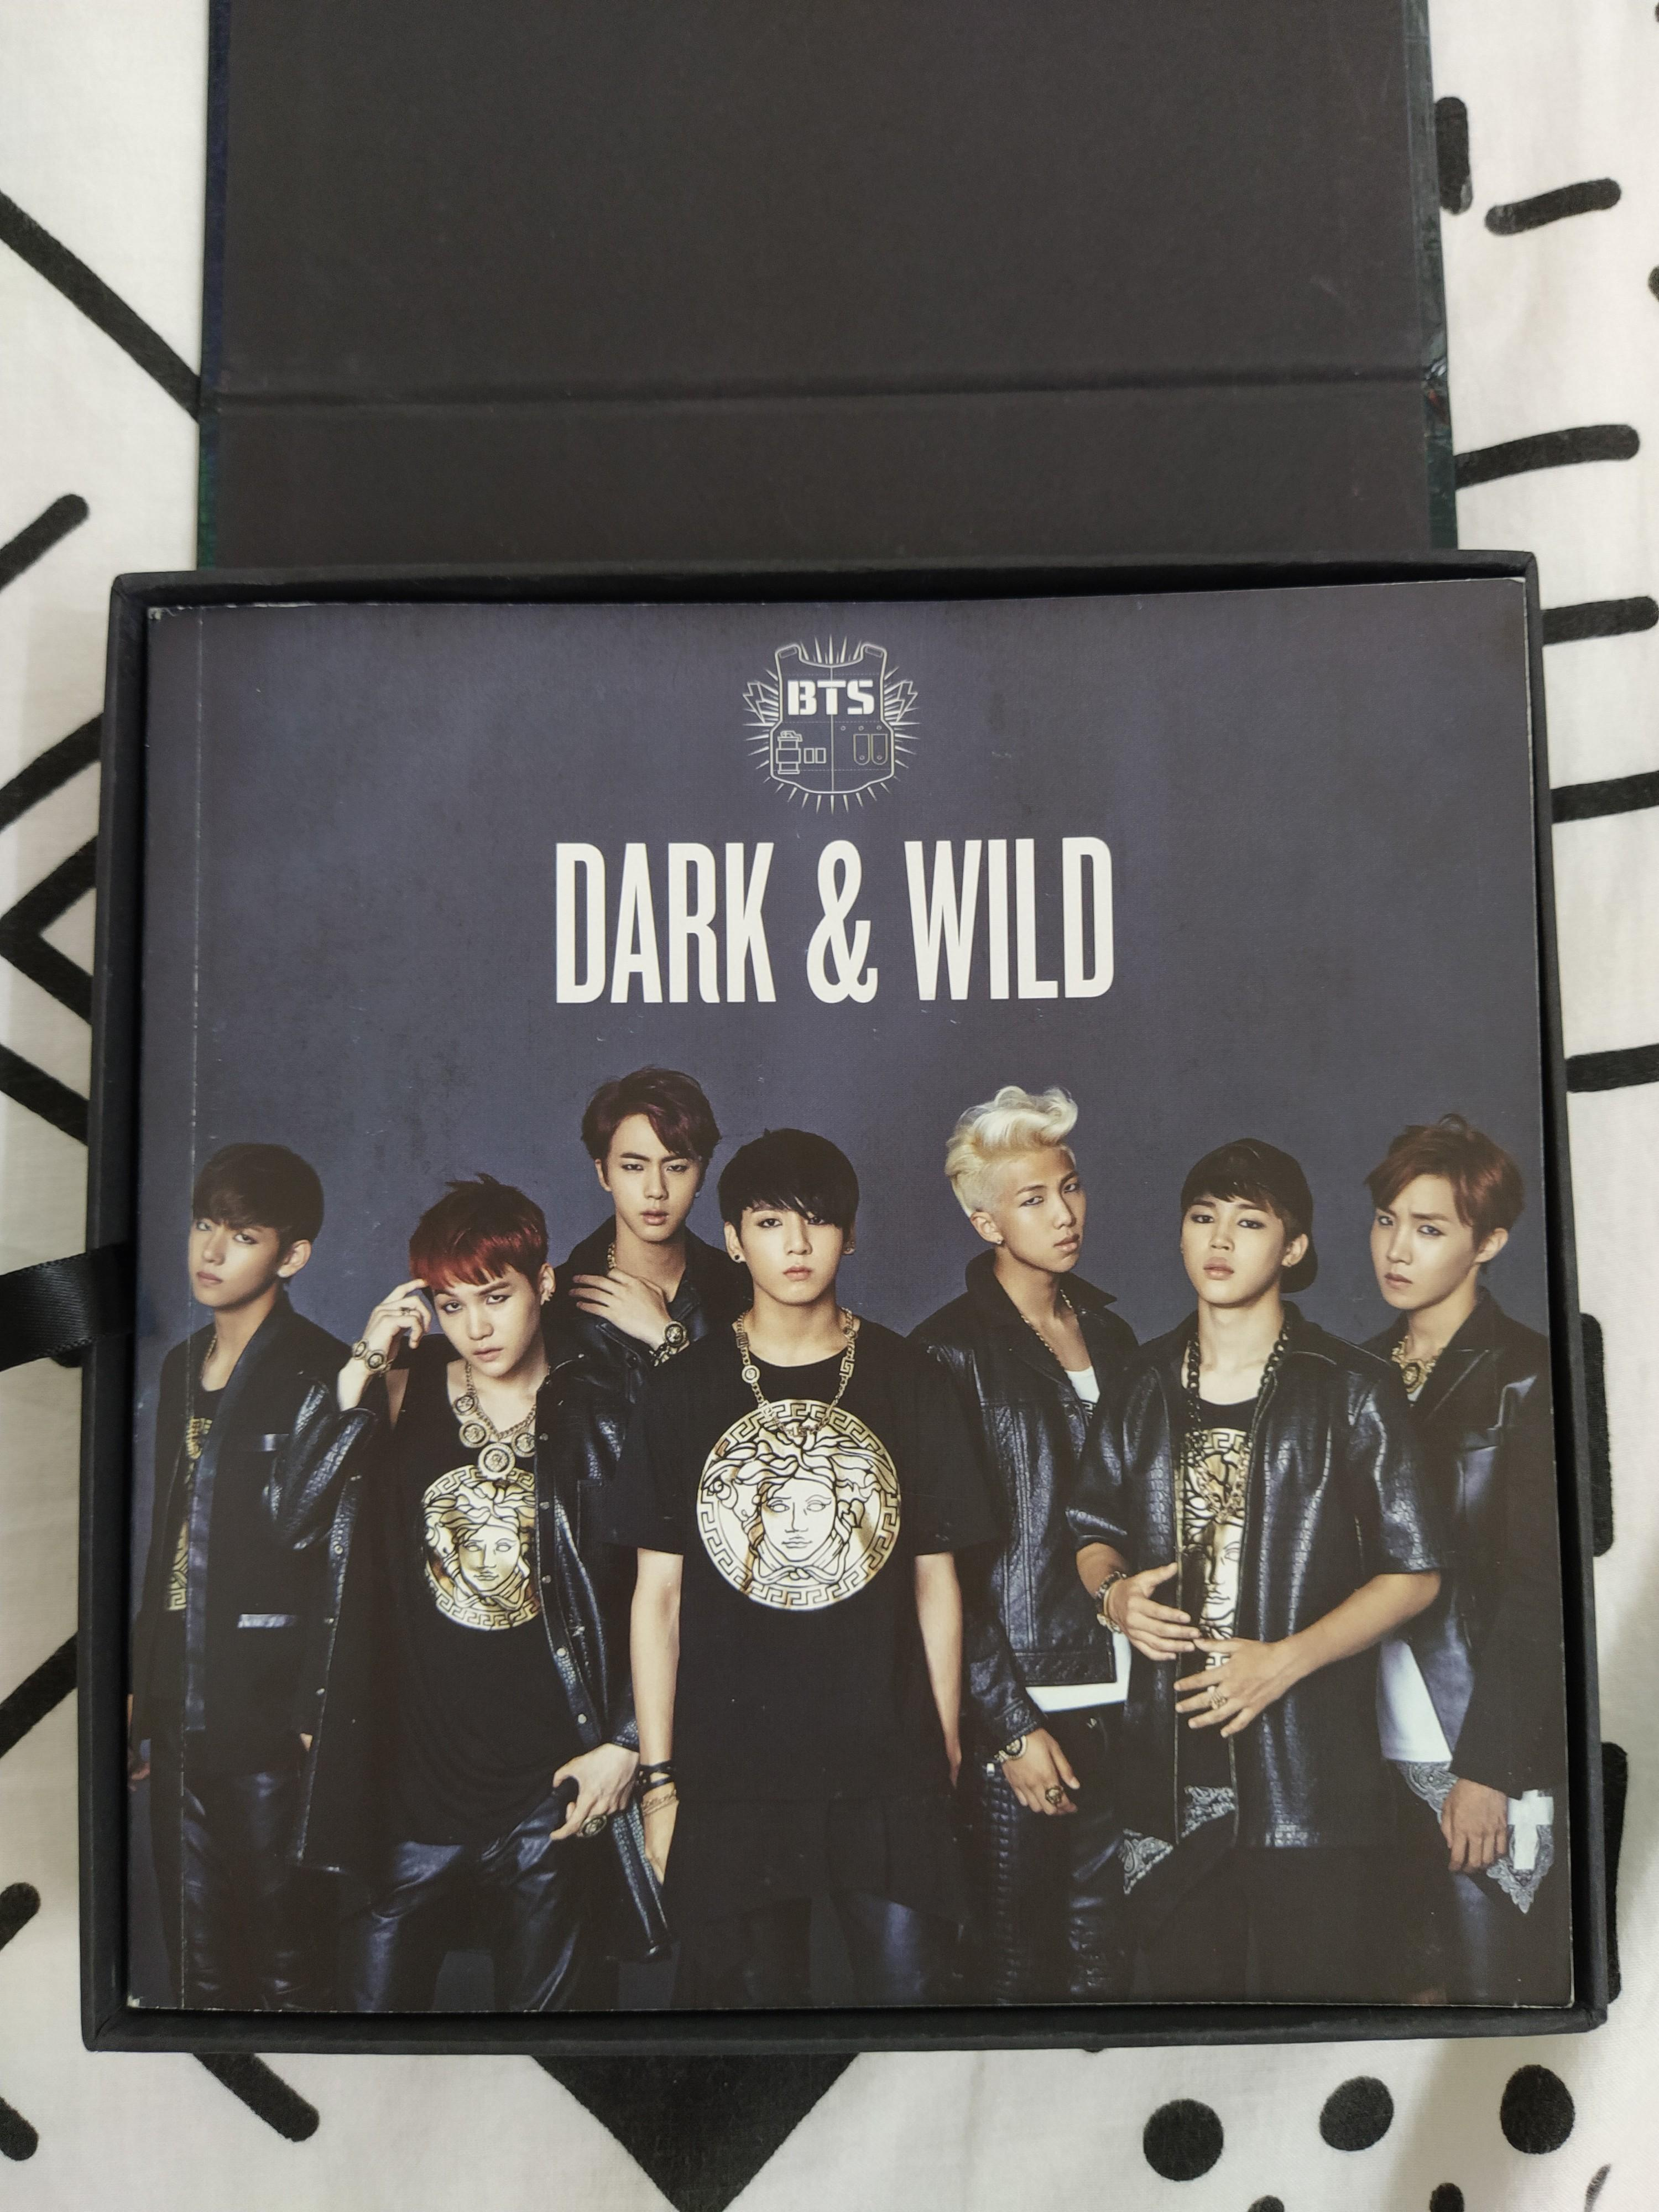 BTS DARK & WILD ALBUM